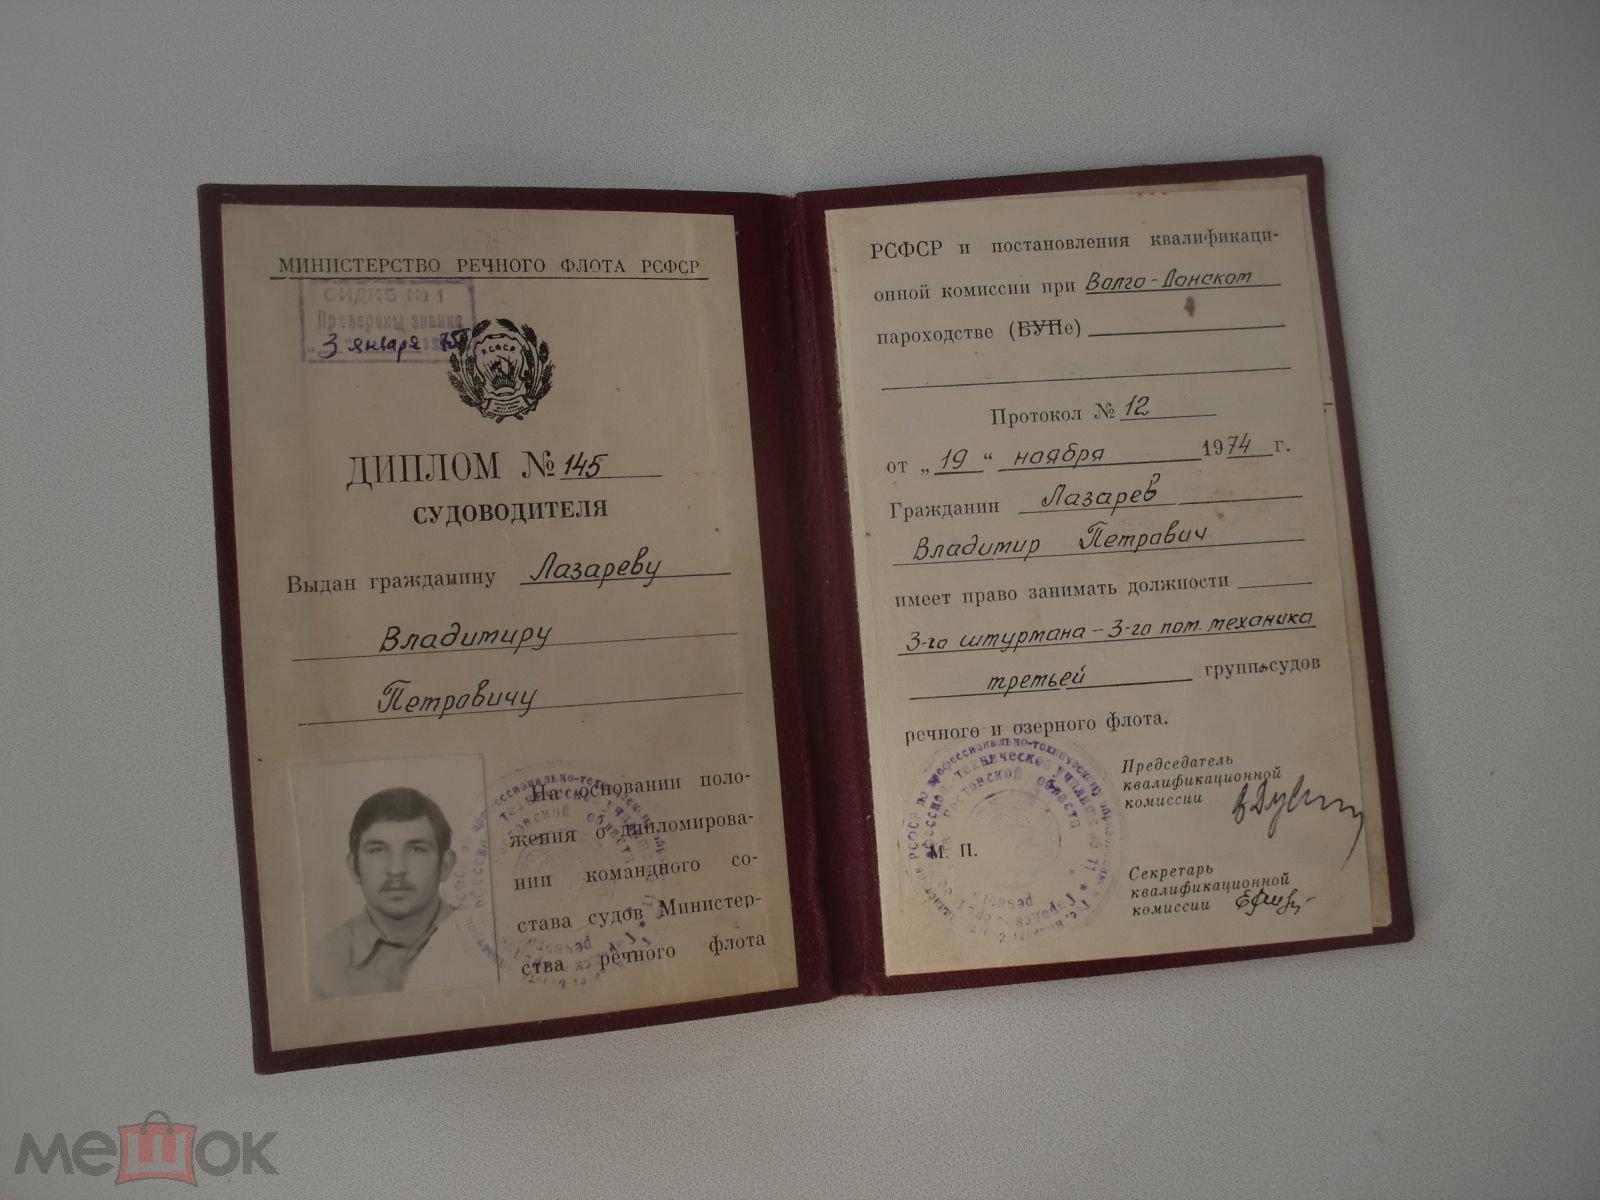 Диплом судоводителя РСФСР  Все фото на одной странице